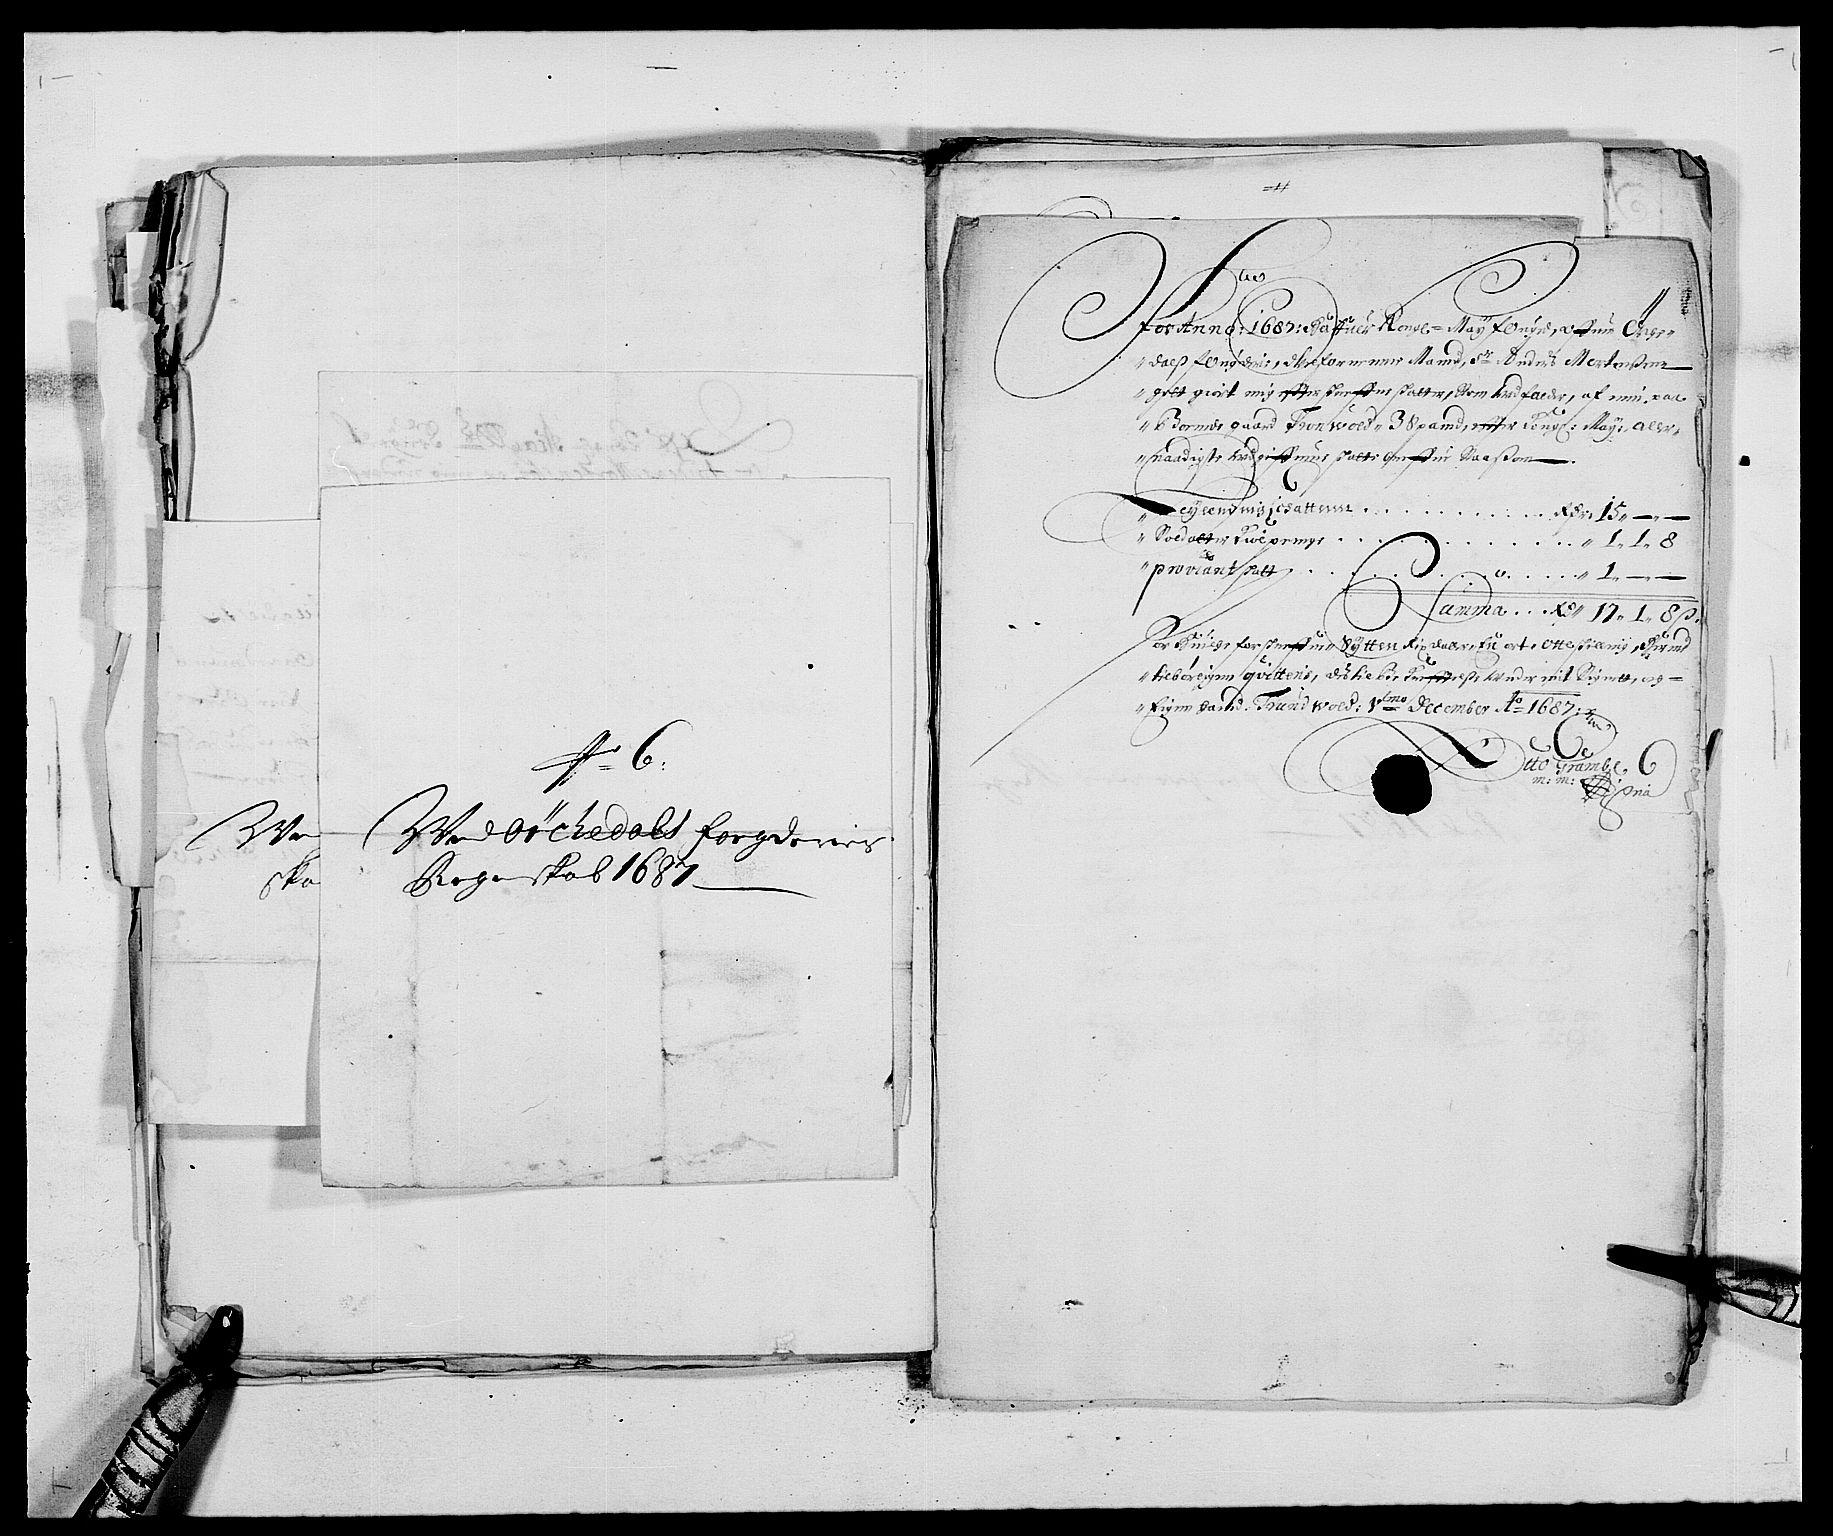 RA, Rentekammeret inntil 1814, Reviderte regnskaper, Fogderegnskap, R58/L3935: Fogderegnskap Orkdal, 1687-1688, s. 169